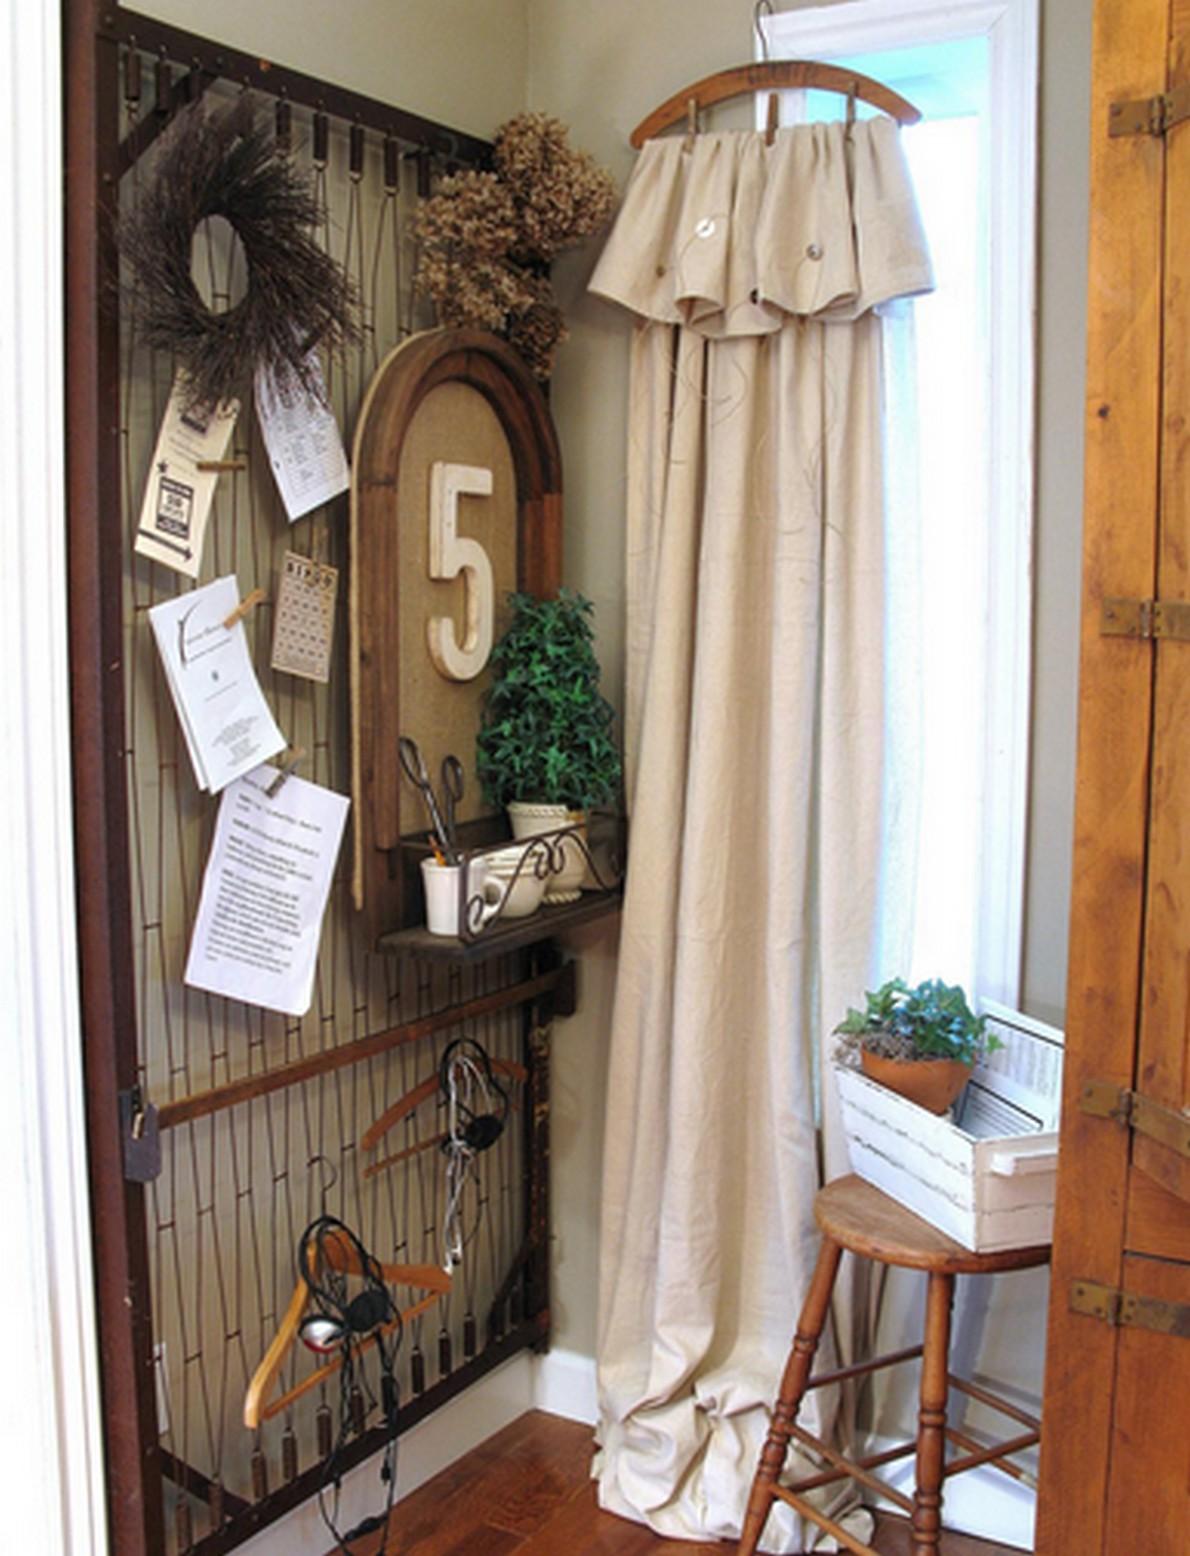 Come riciclare vecchi mobili per dare un tocco vintage alla casa fotogallery idealista news - Rendere antisismica una vecchia casa ...